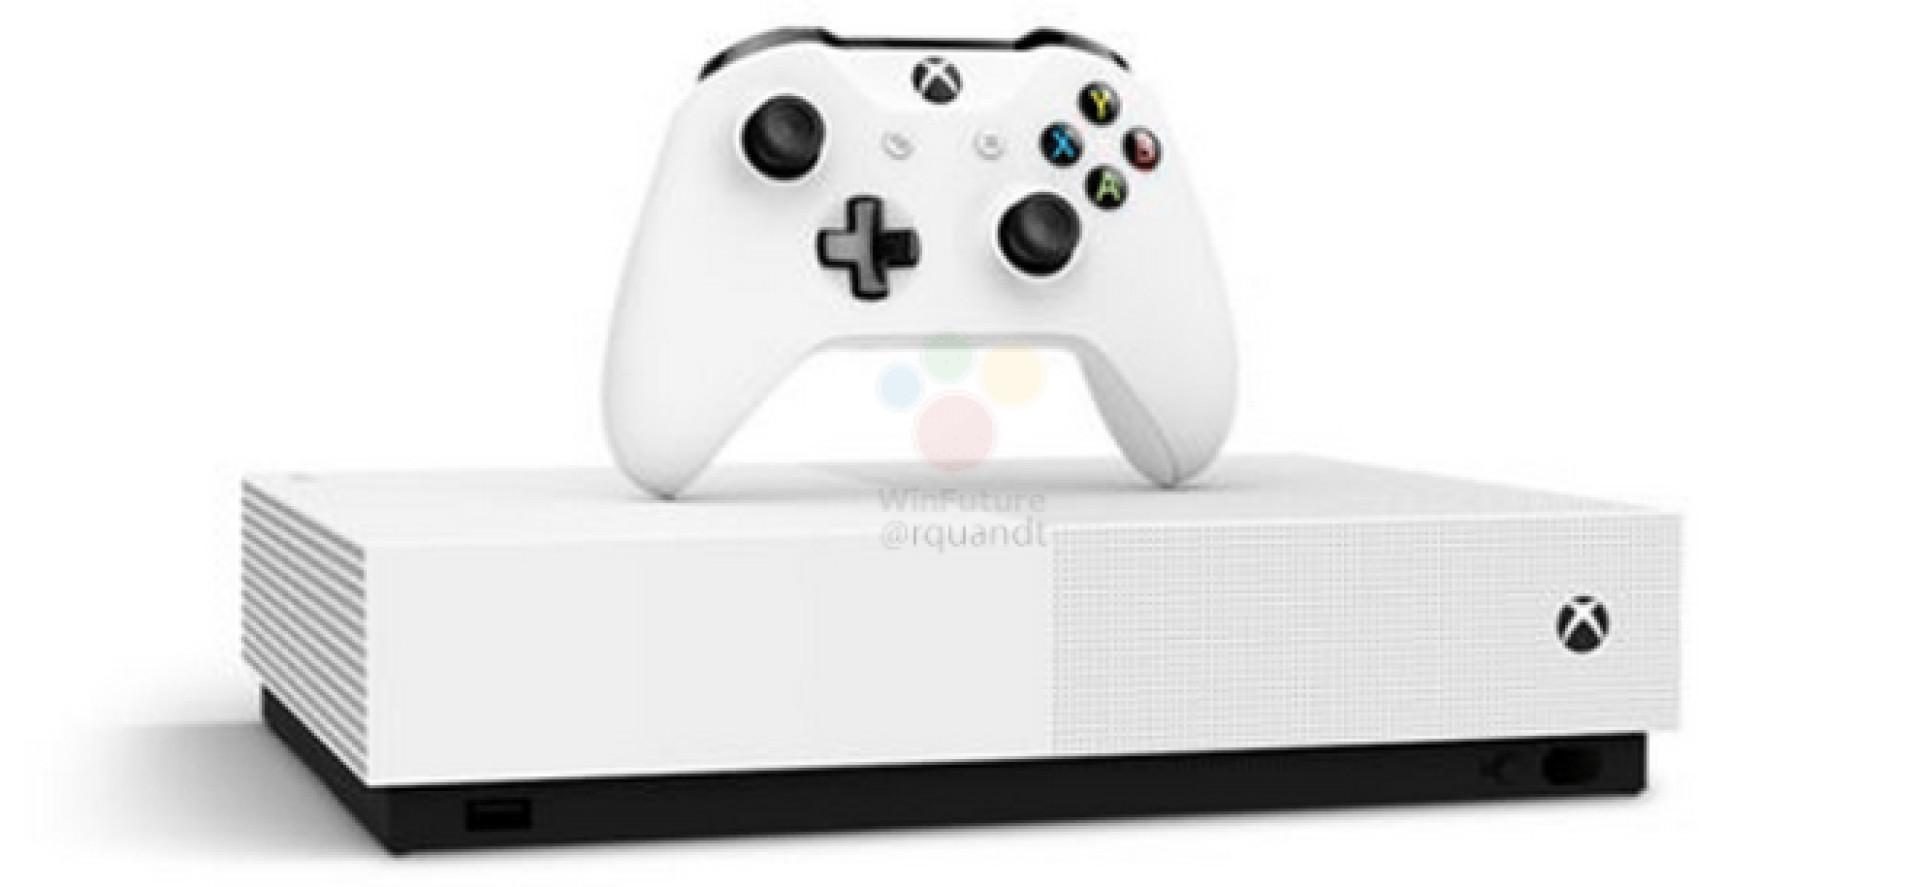 Fuga de informação revela nova versão da consola da Microsoft